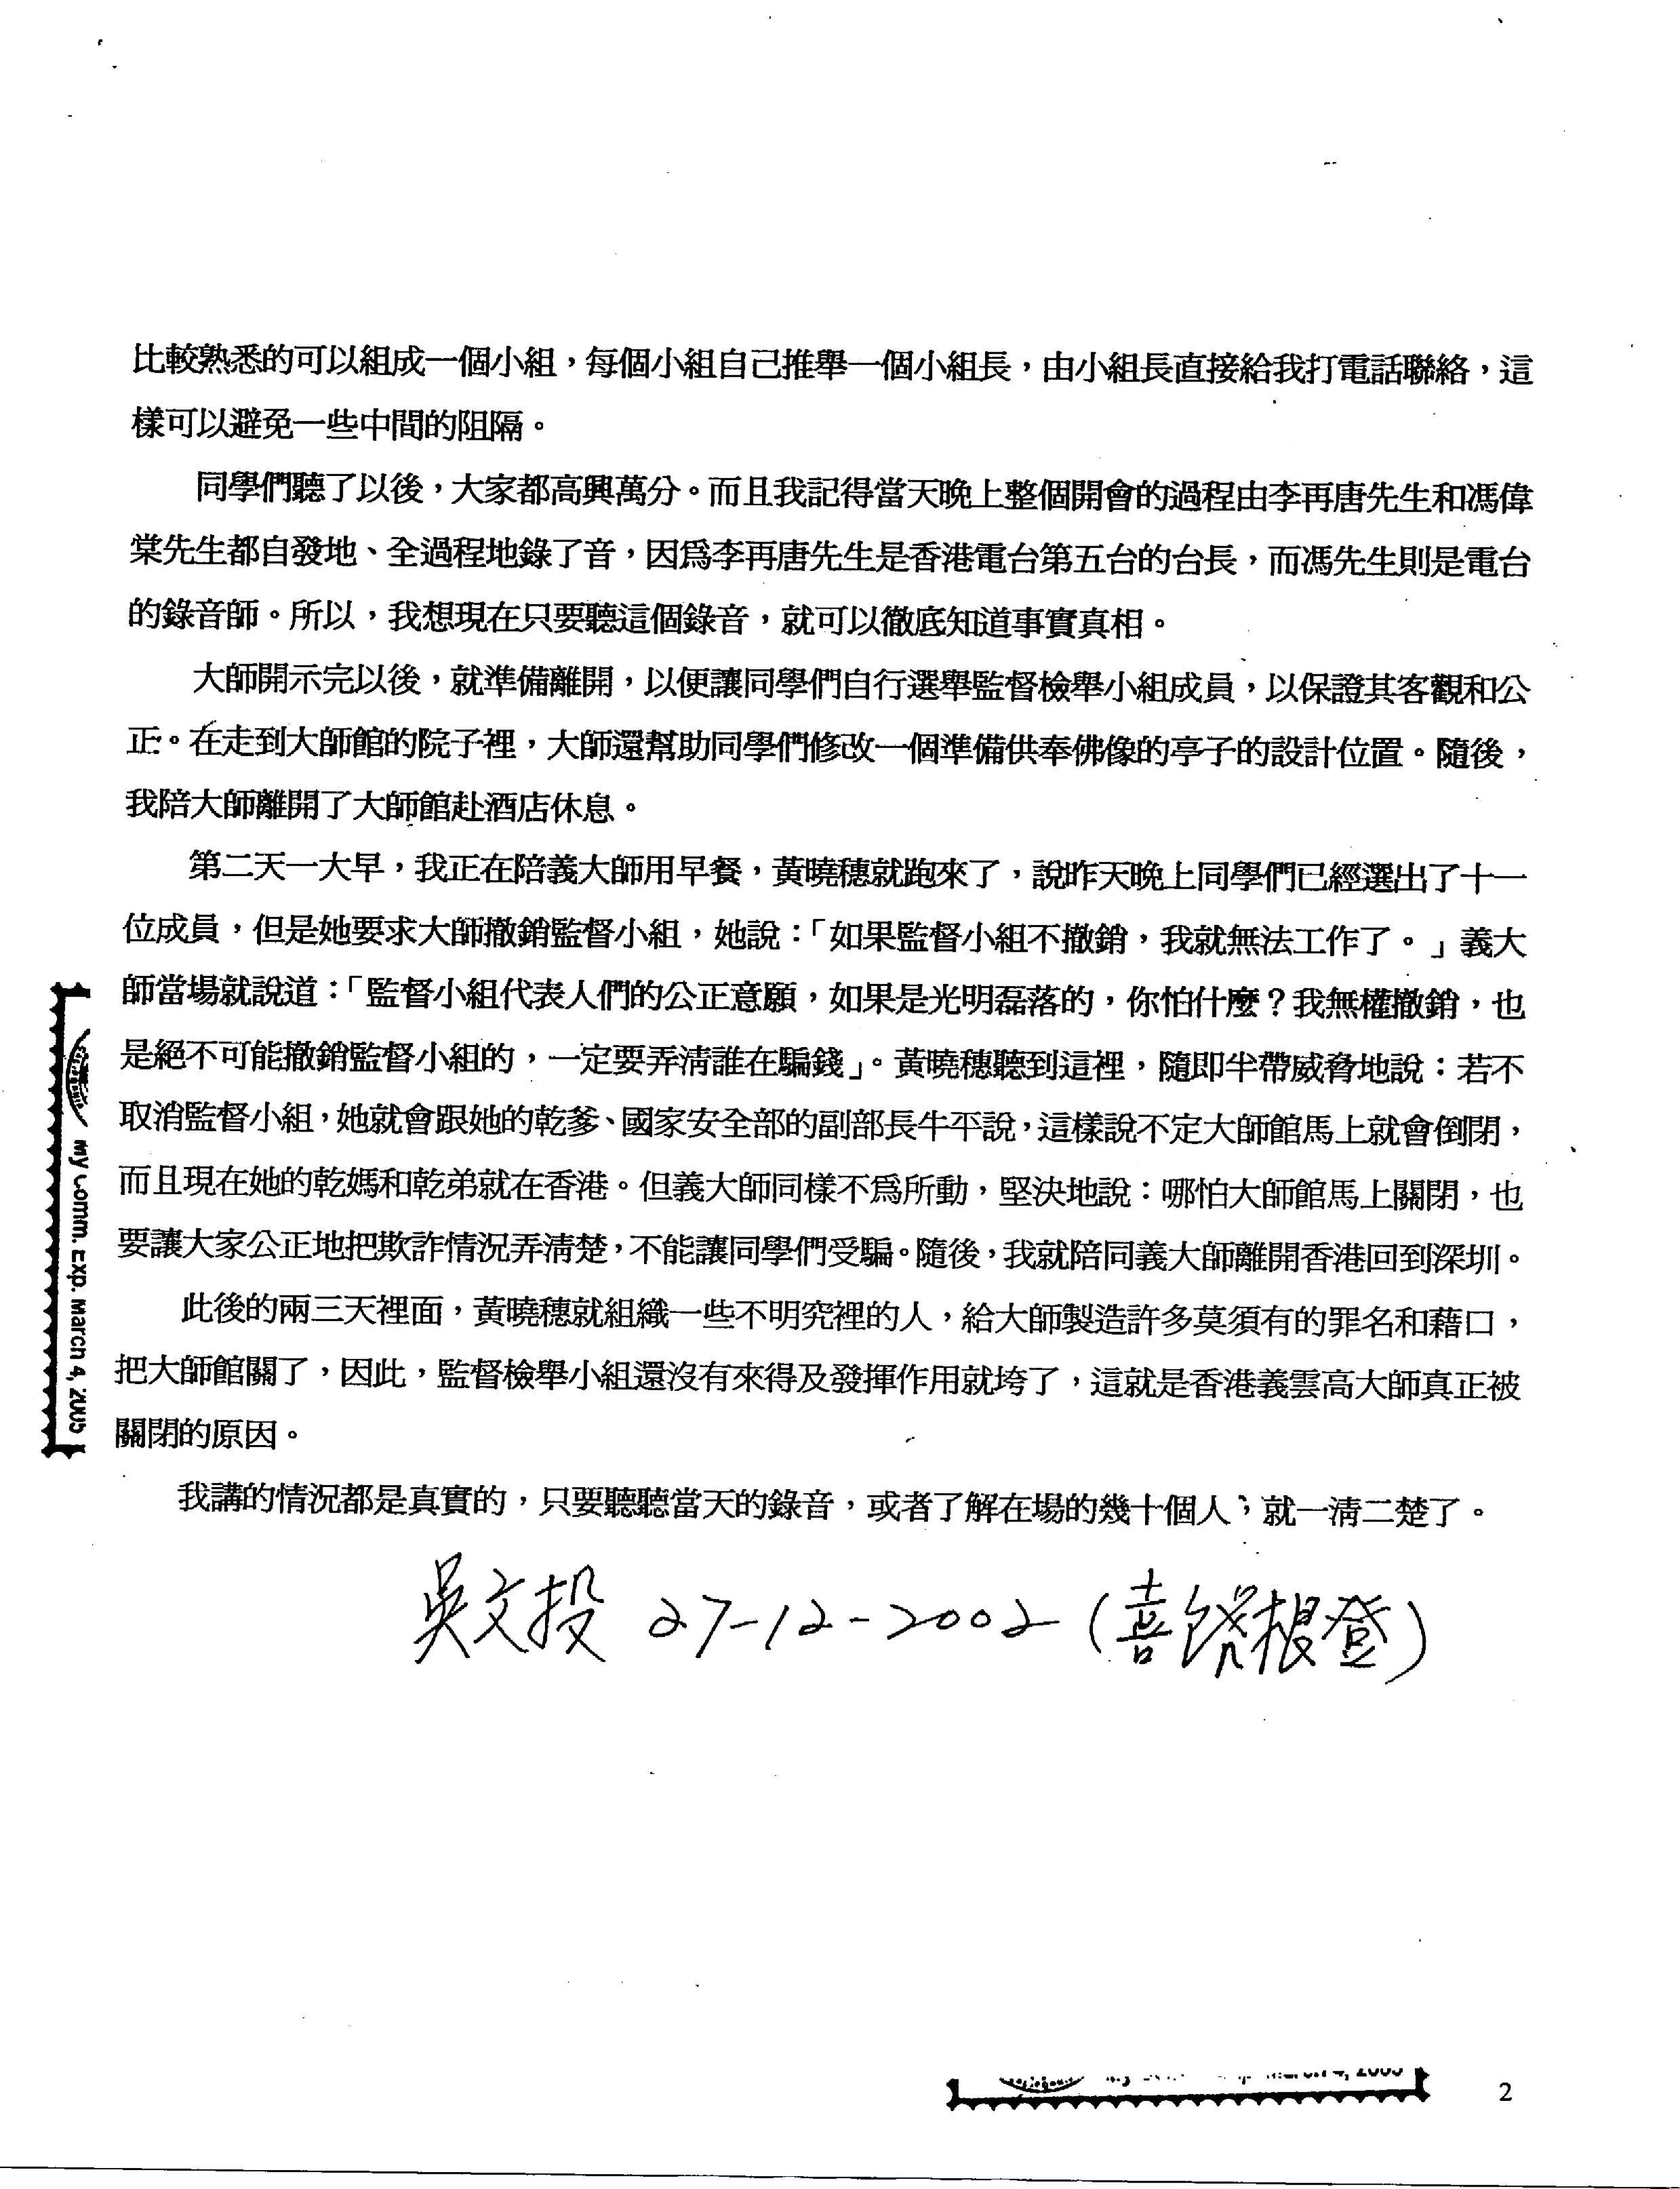 香港法院重判黄晓穗诈骗案 还第三世多杰羌佛清白 第7张